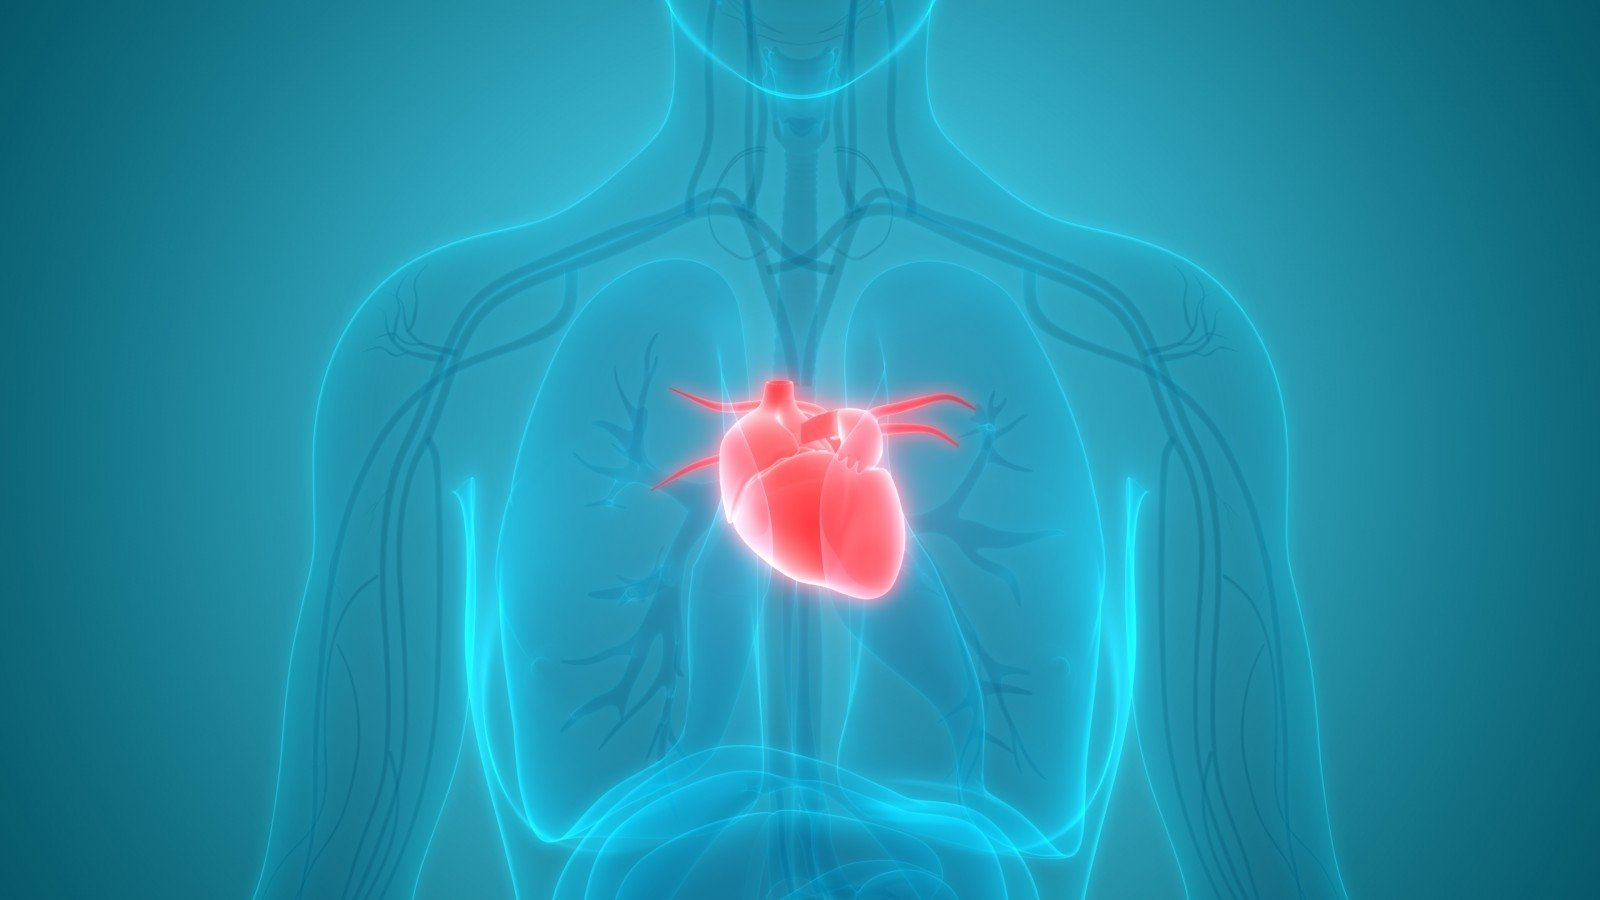 2 laipsnio hipertenzija 3 laipsniai geriausias laikas imtis kūdikio aspirino širdies sveikatos